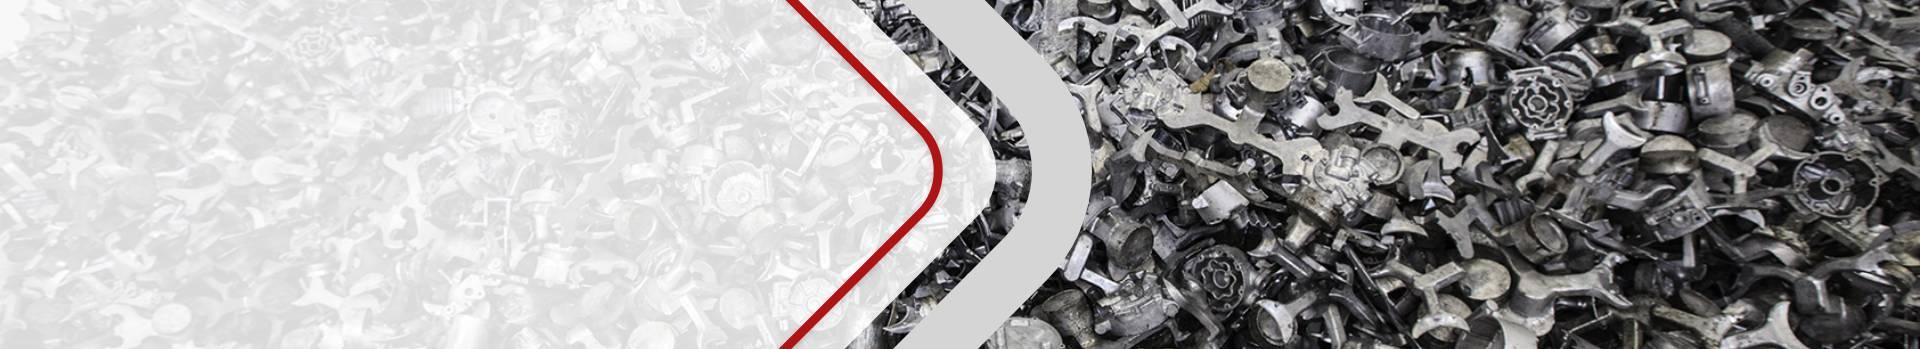 Zdjęcie przedstawia surowce metalowe